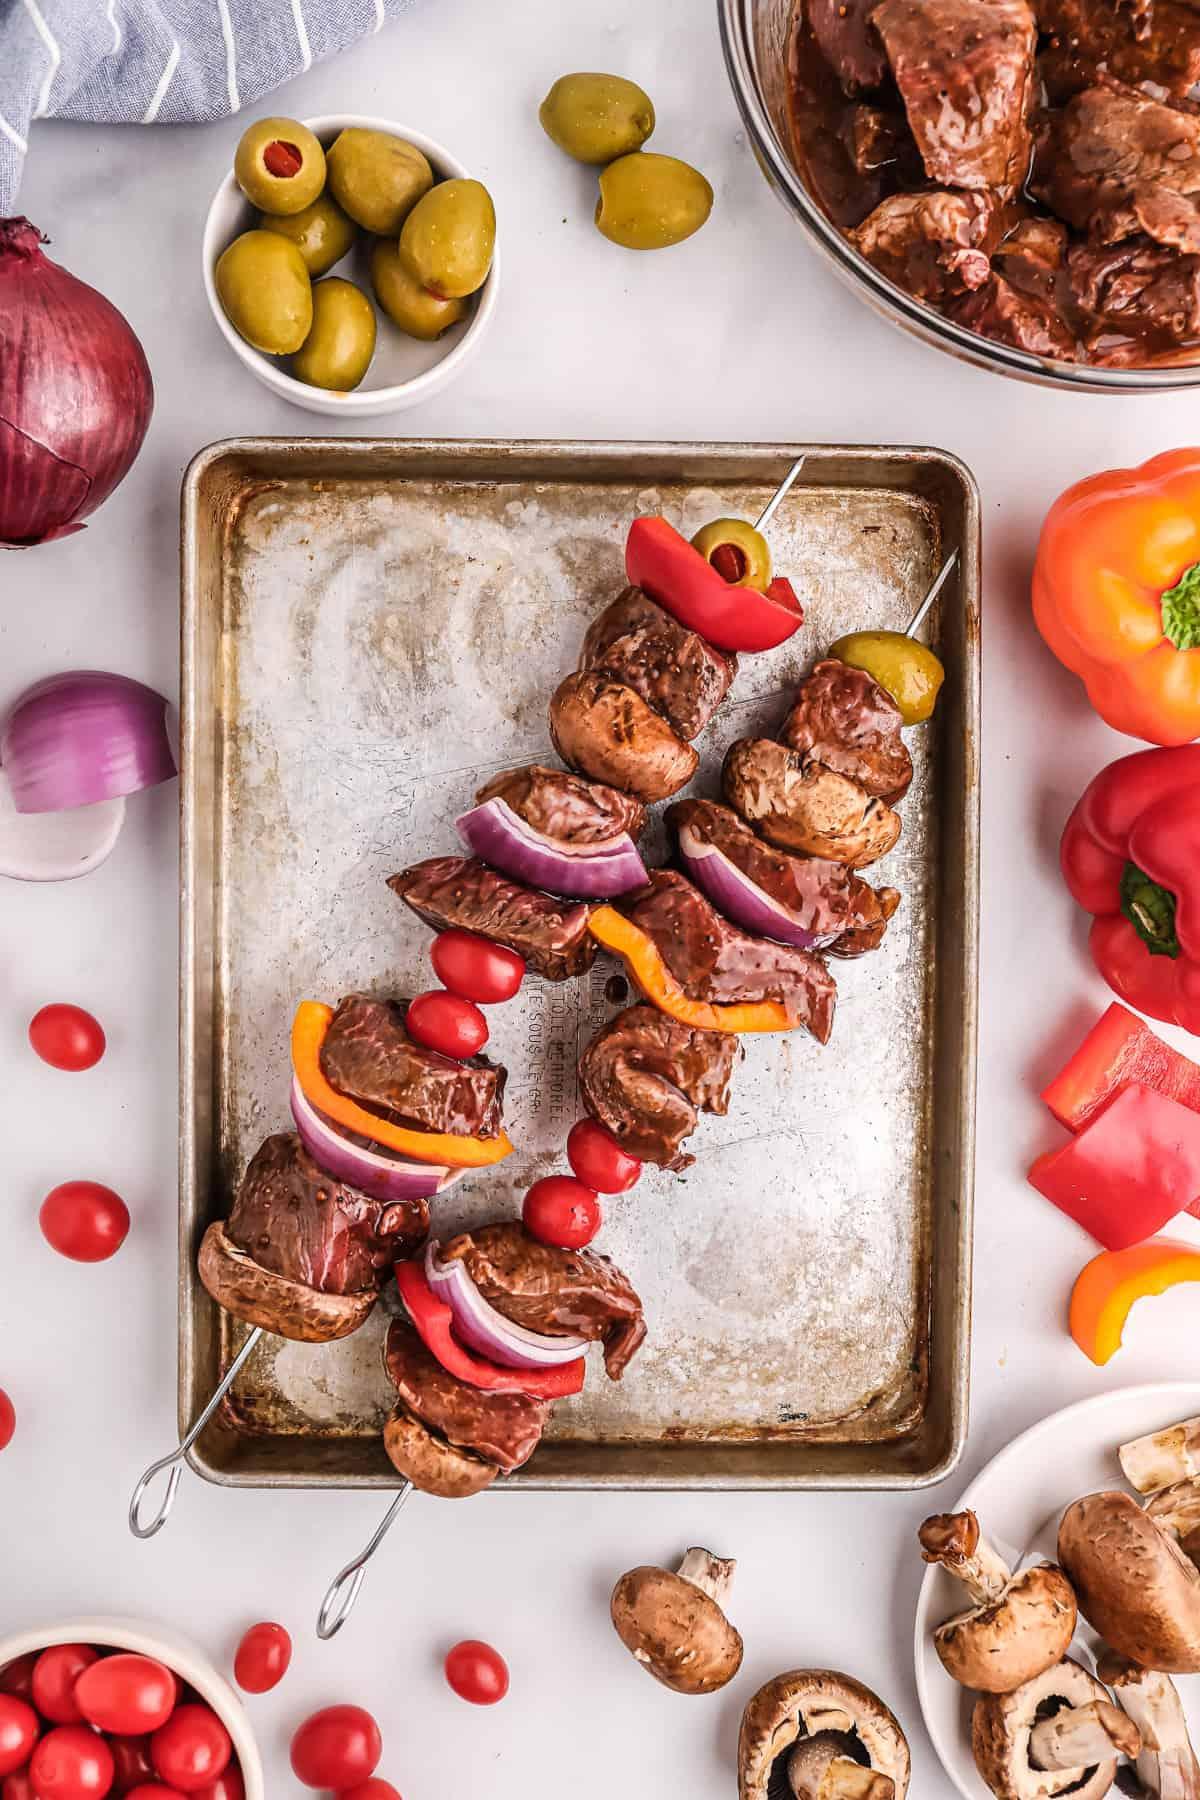 Steak Kabobs on baking sheet before smoking